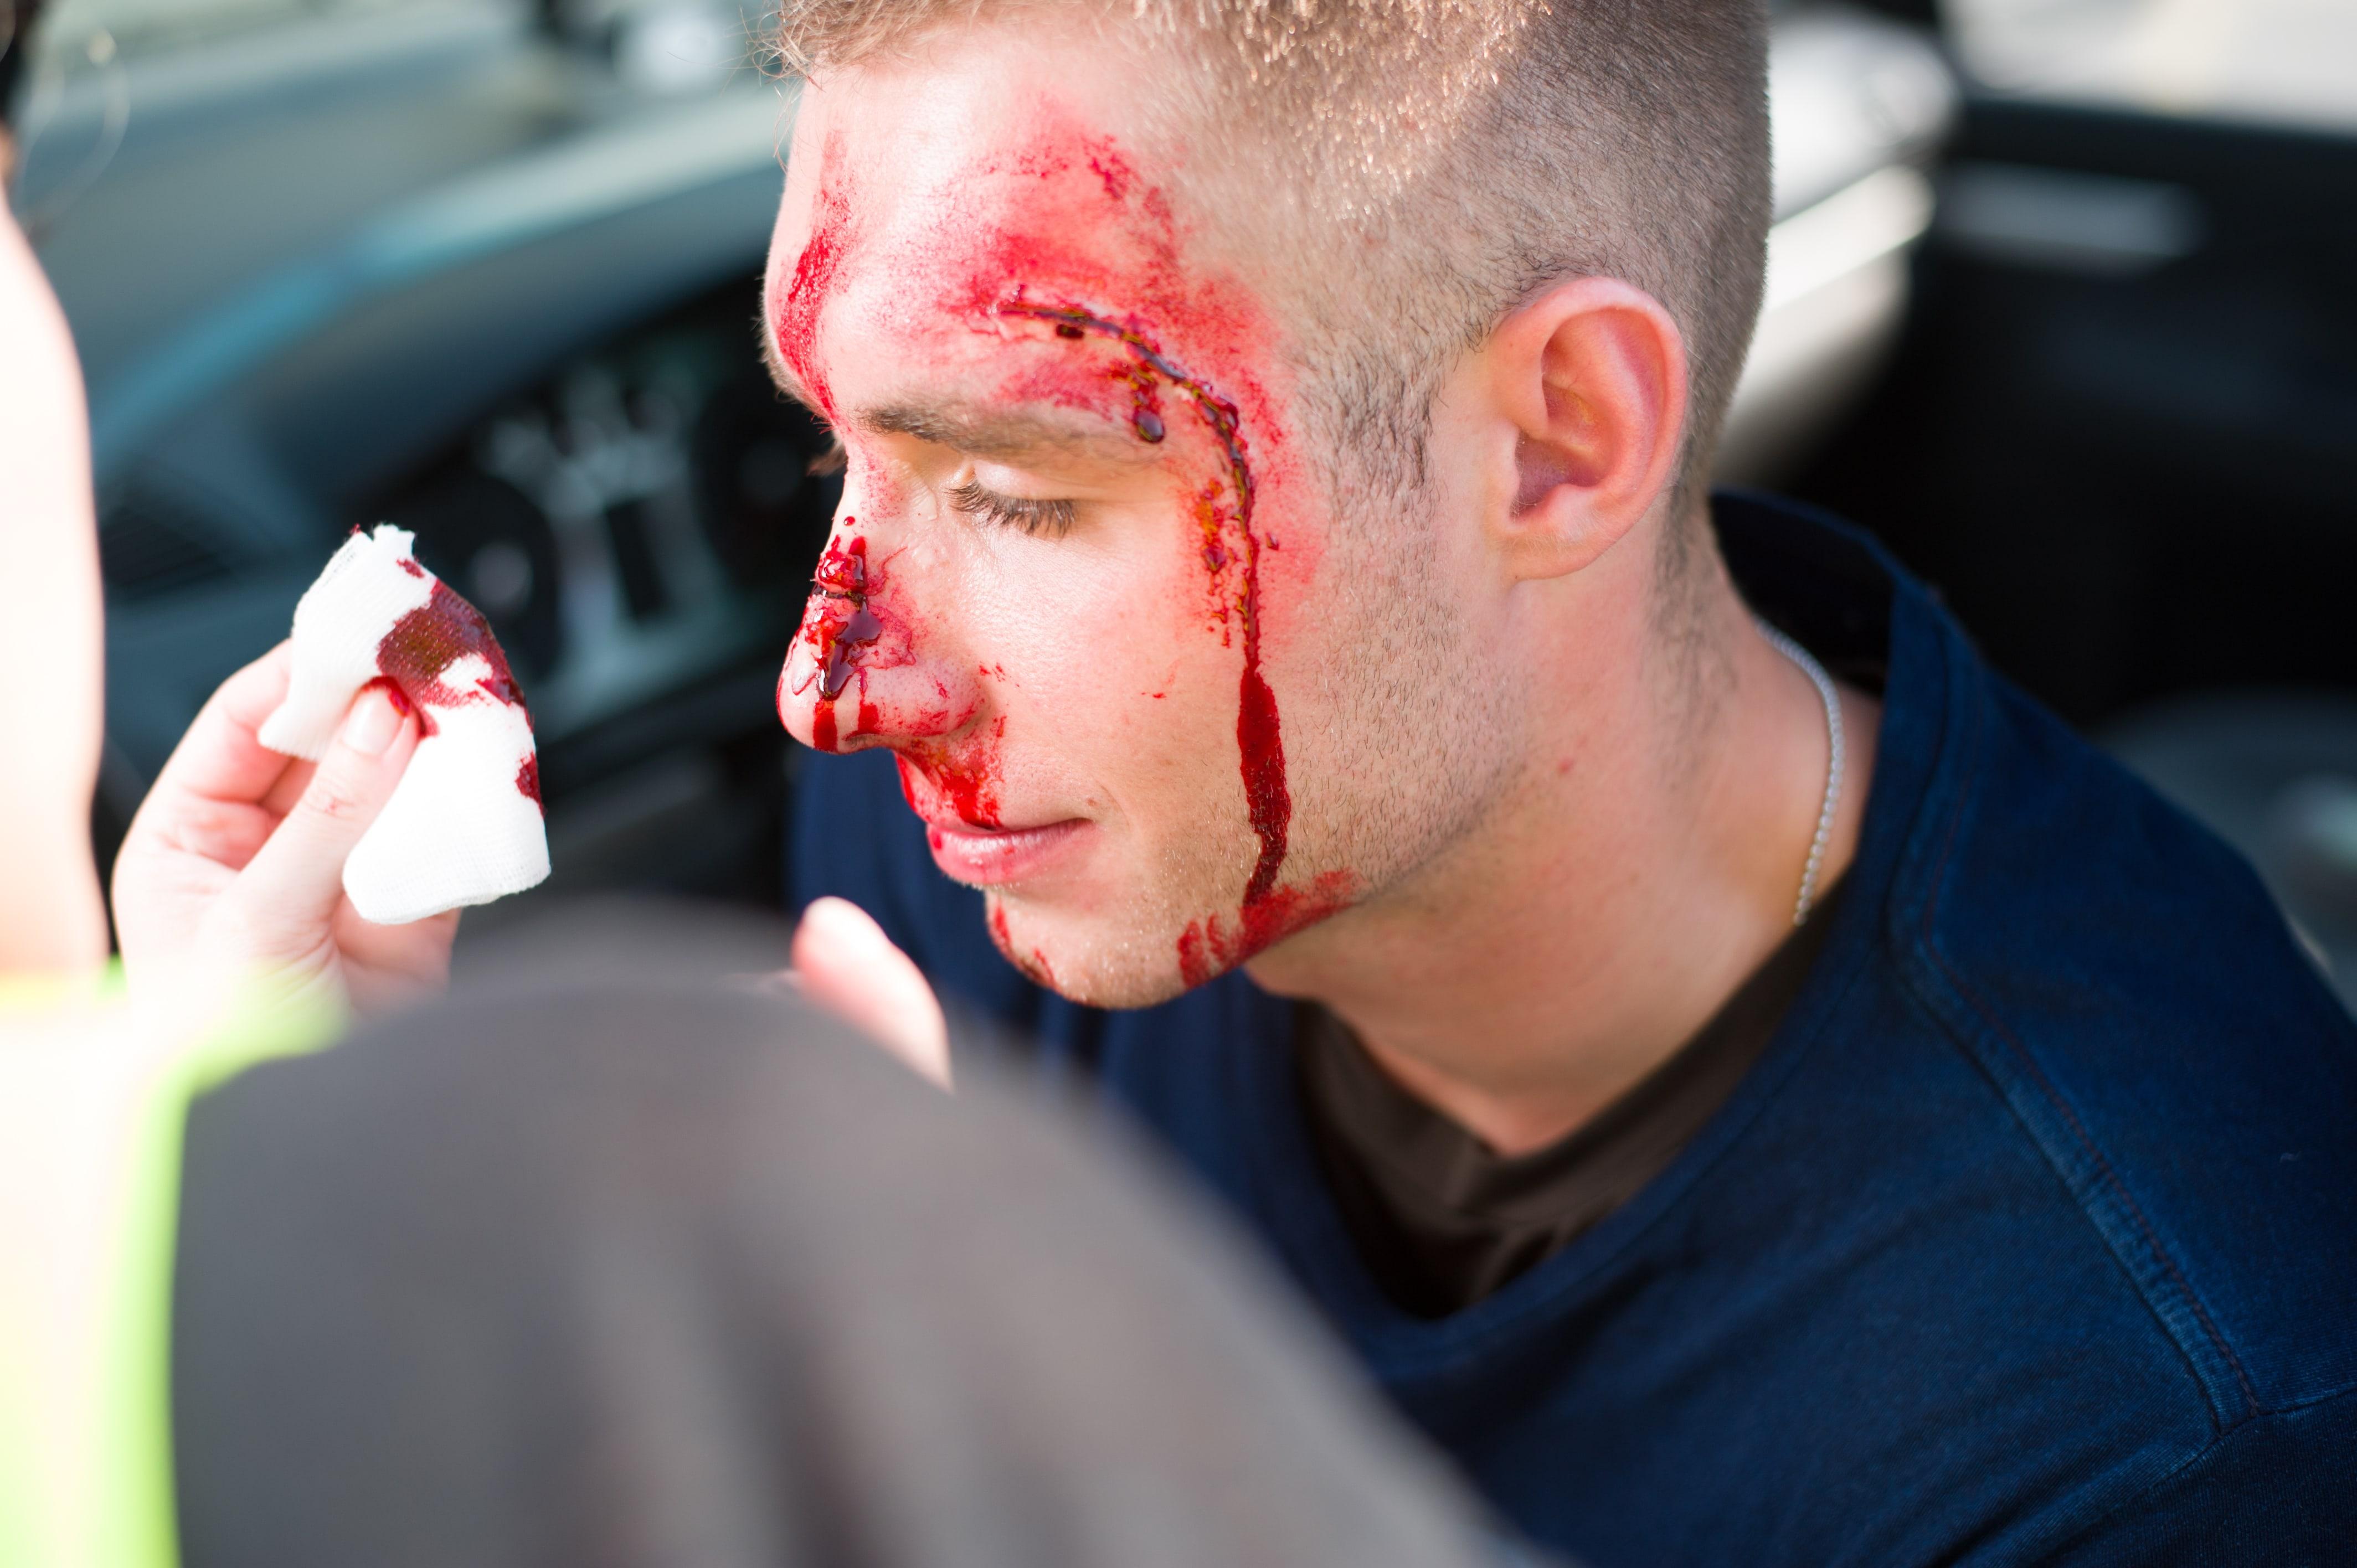 sztuczna krew, charakteryzacja medyczna, pierwsza pomoc uraz nosa, wypadek class=